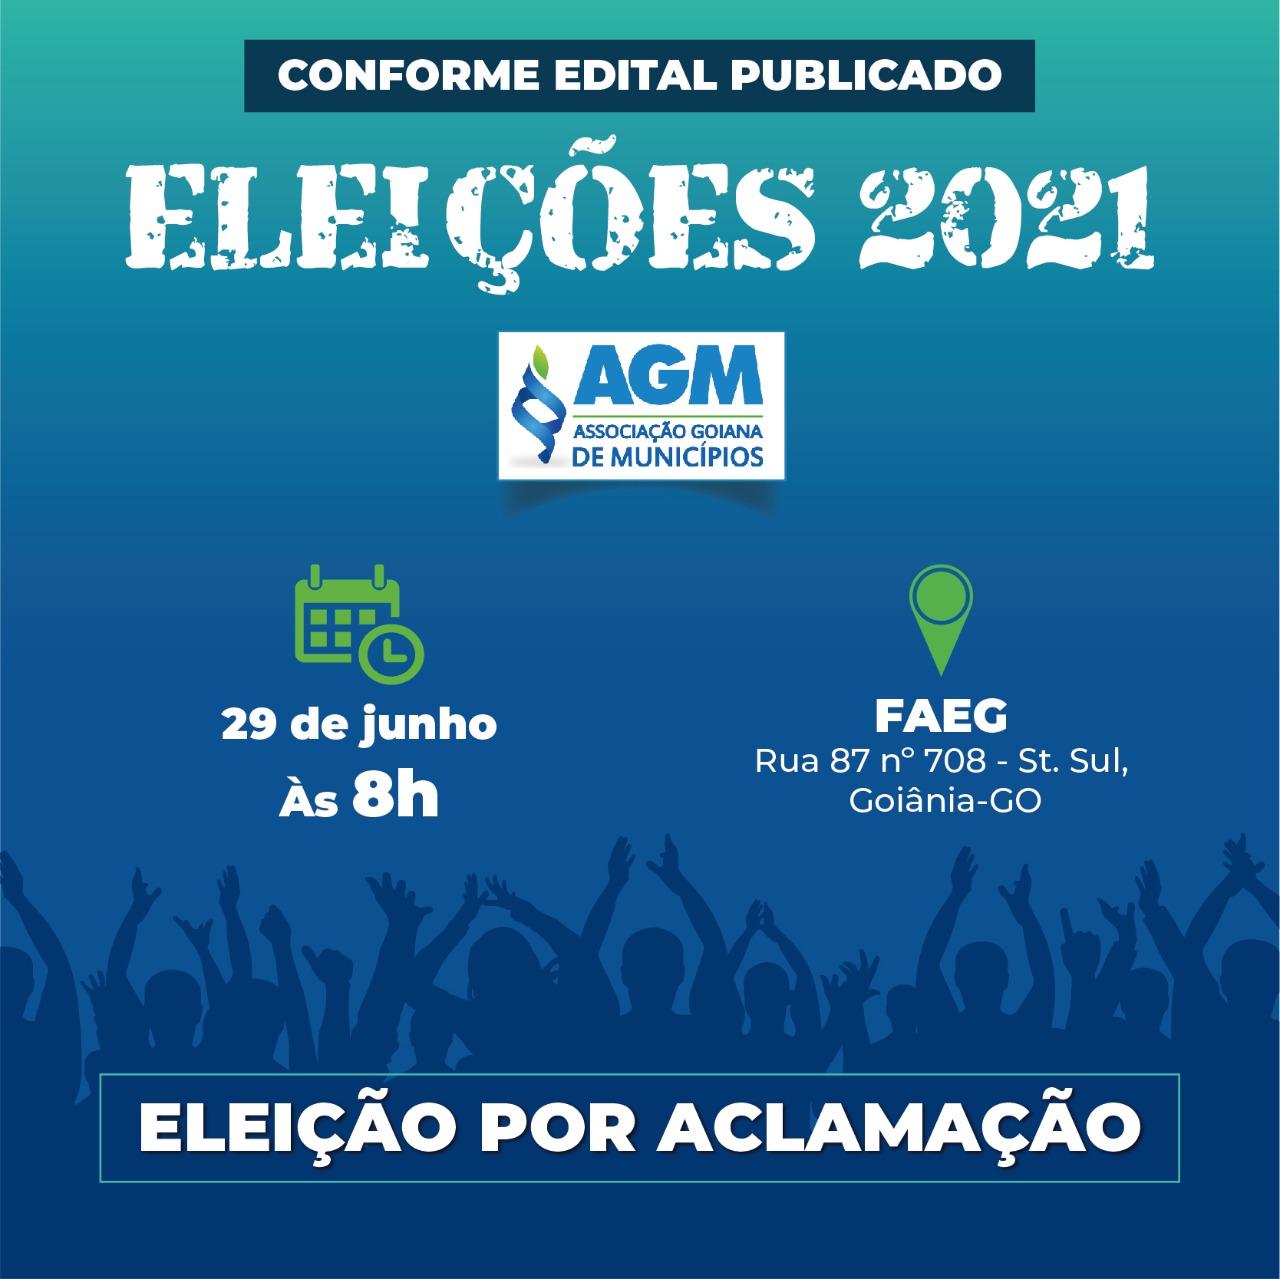 AGM promove eleições para sua diretoria